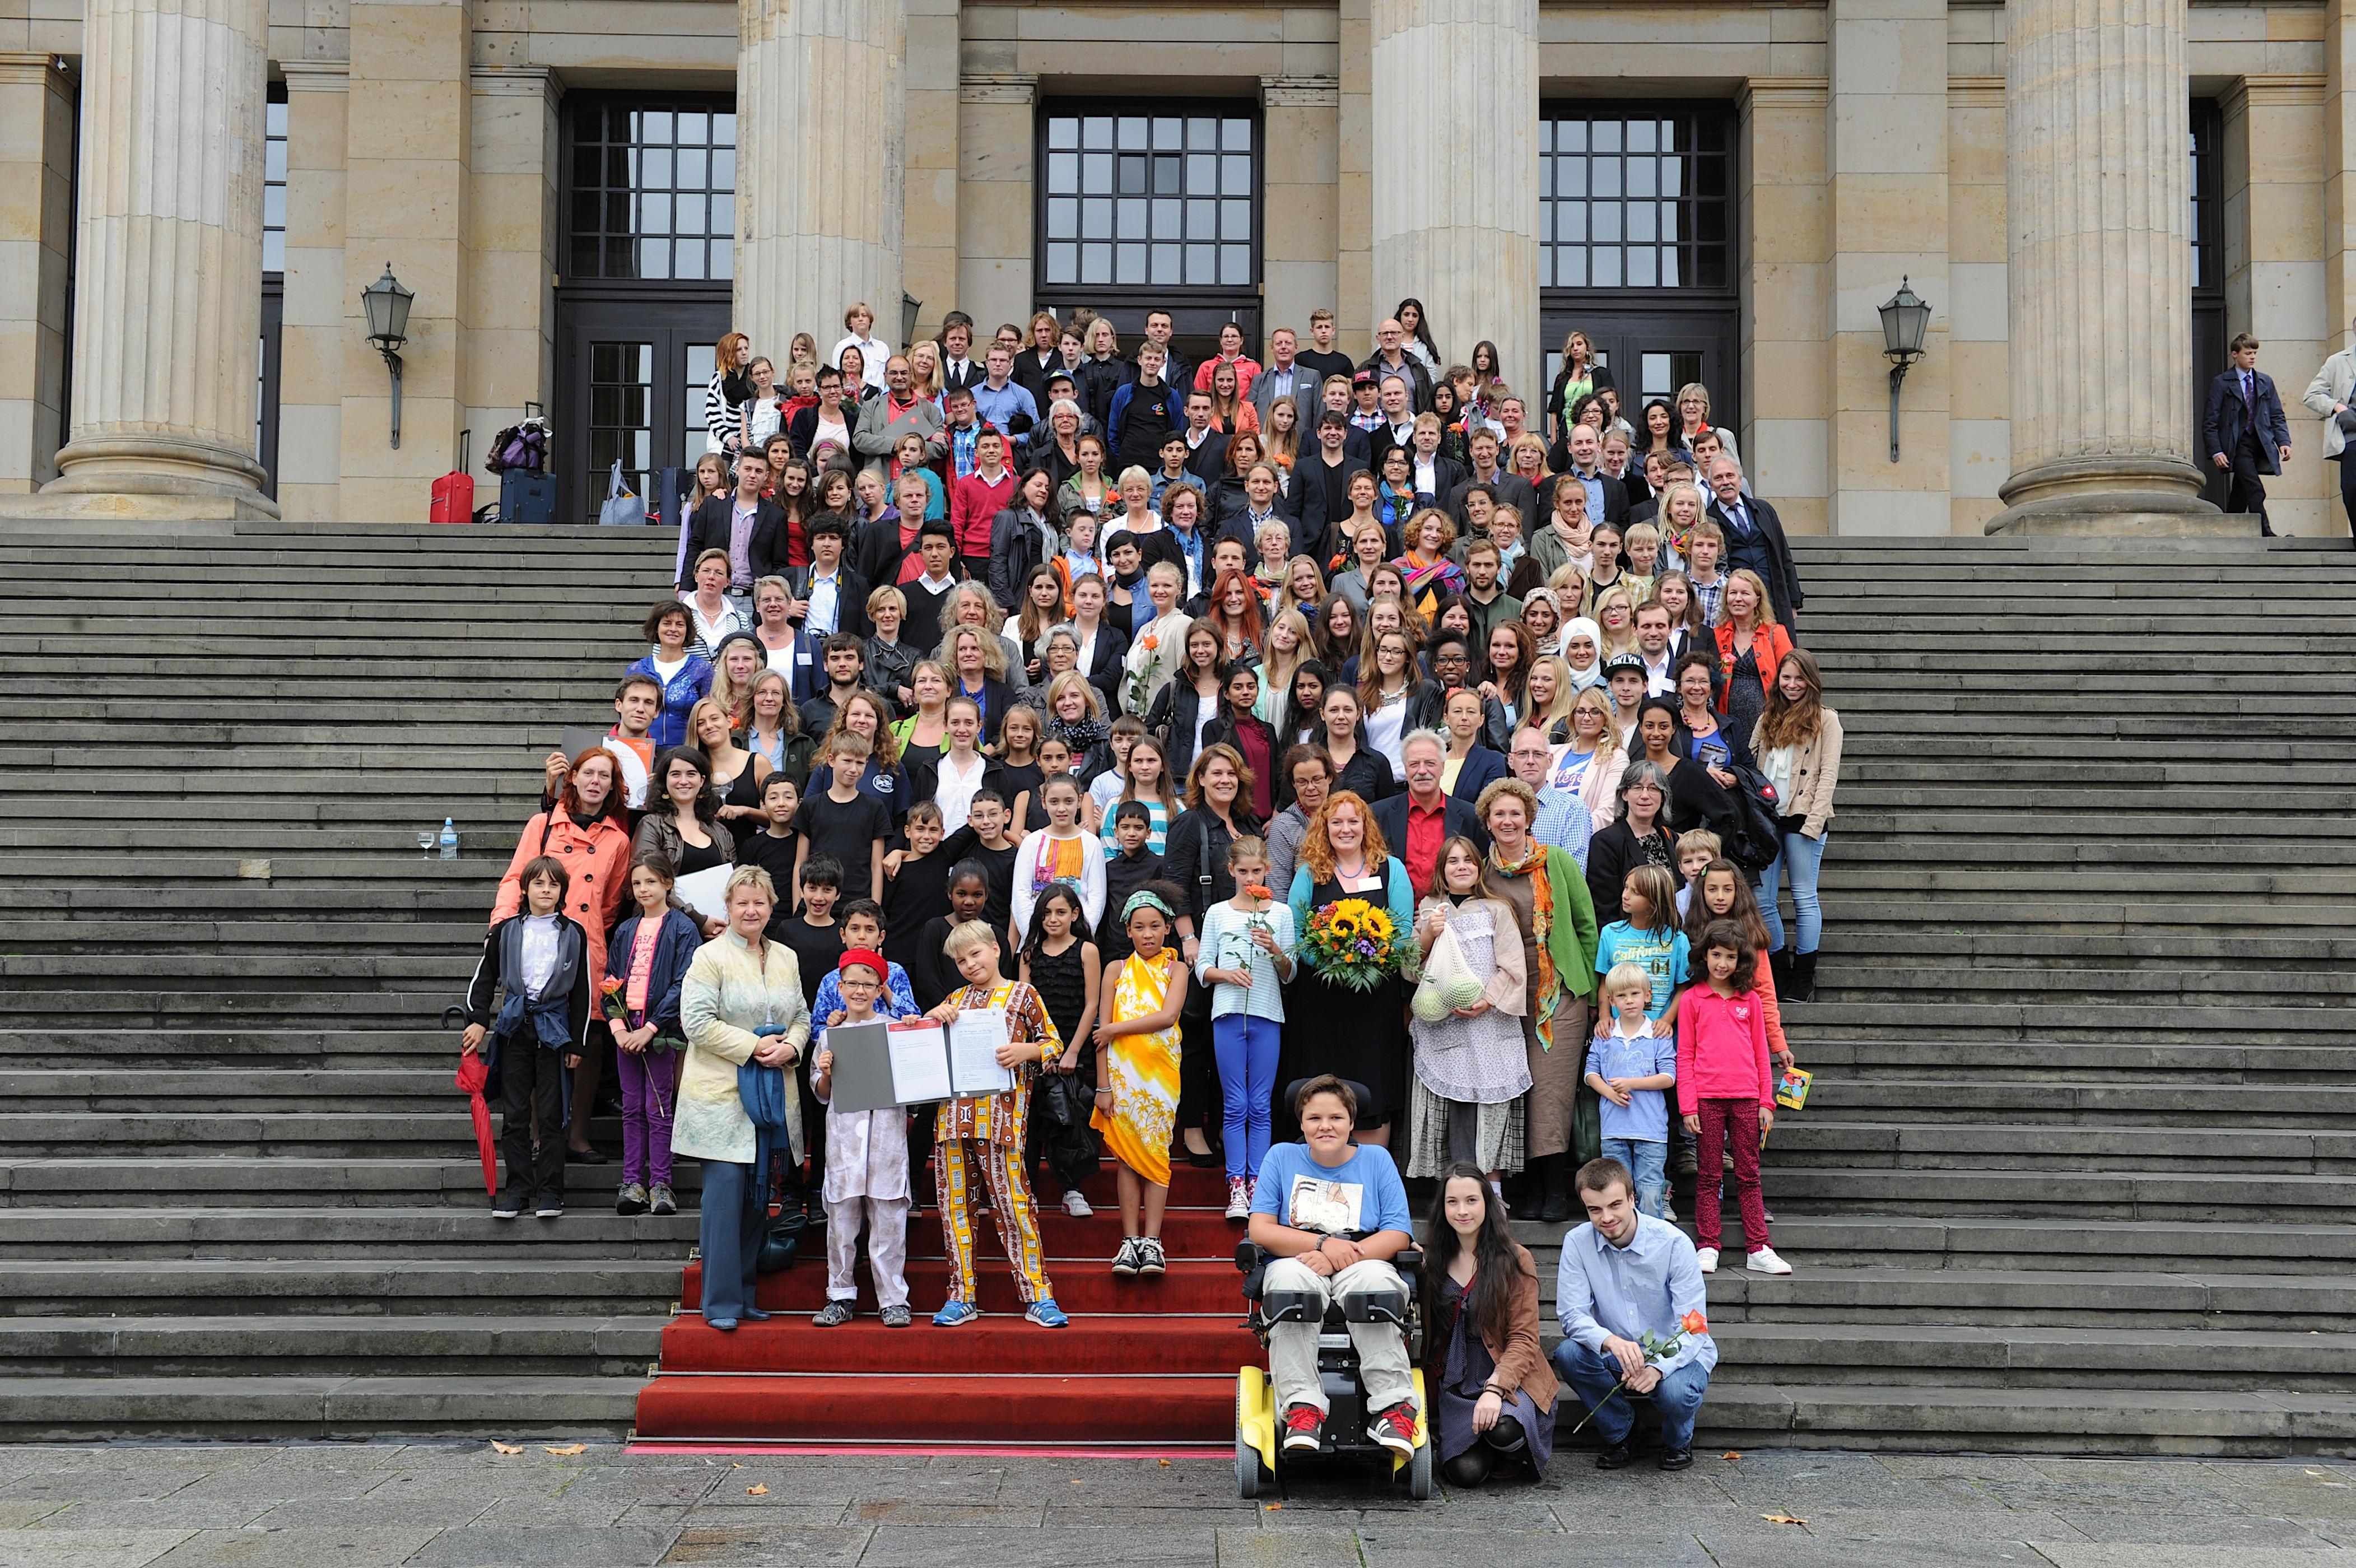 """Berlin , 09.09.2013 , Konzerthaus Berlin , Preisverleihung des Wettbewerbes """"Kinder zum Olymp 2013"""" der Kulturstiftung der Länder , Foto: Stefan Gloede"""